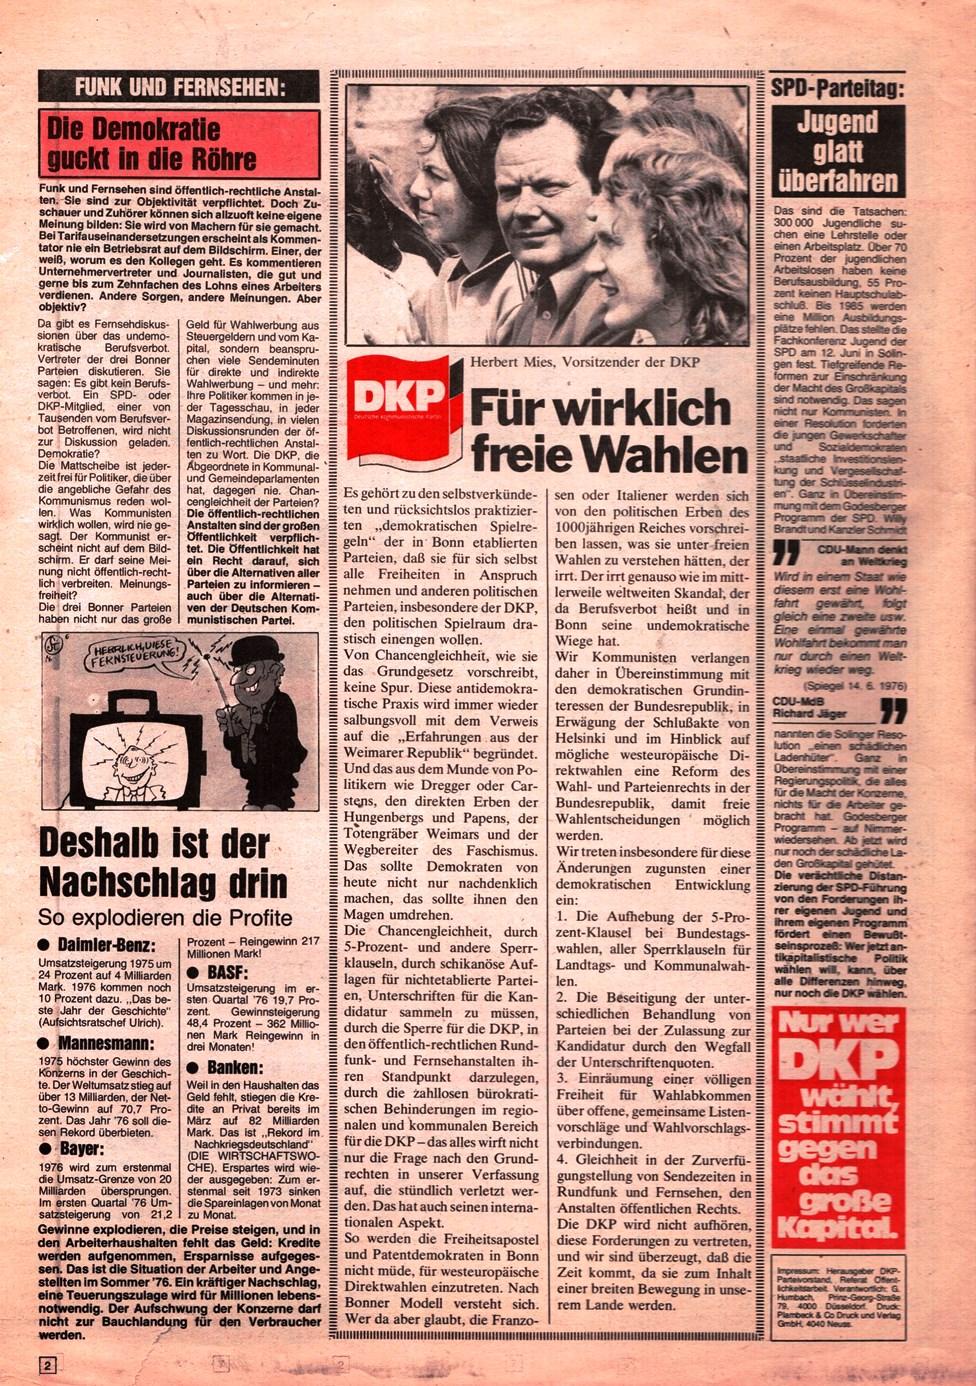 Muenchen_DKP_Neues_Muenchen_19760700_002